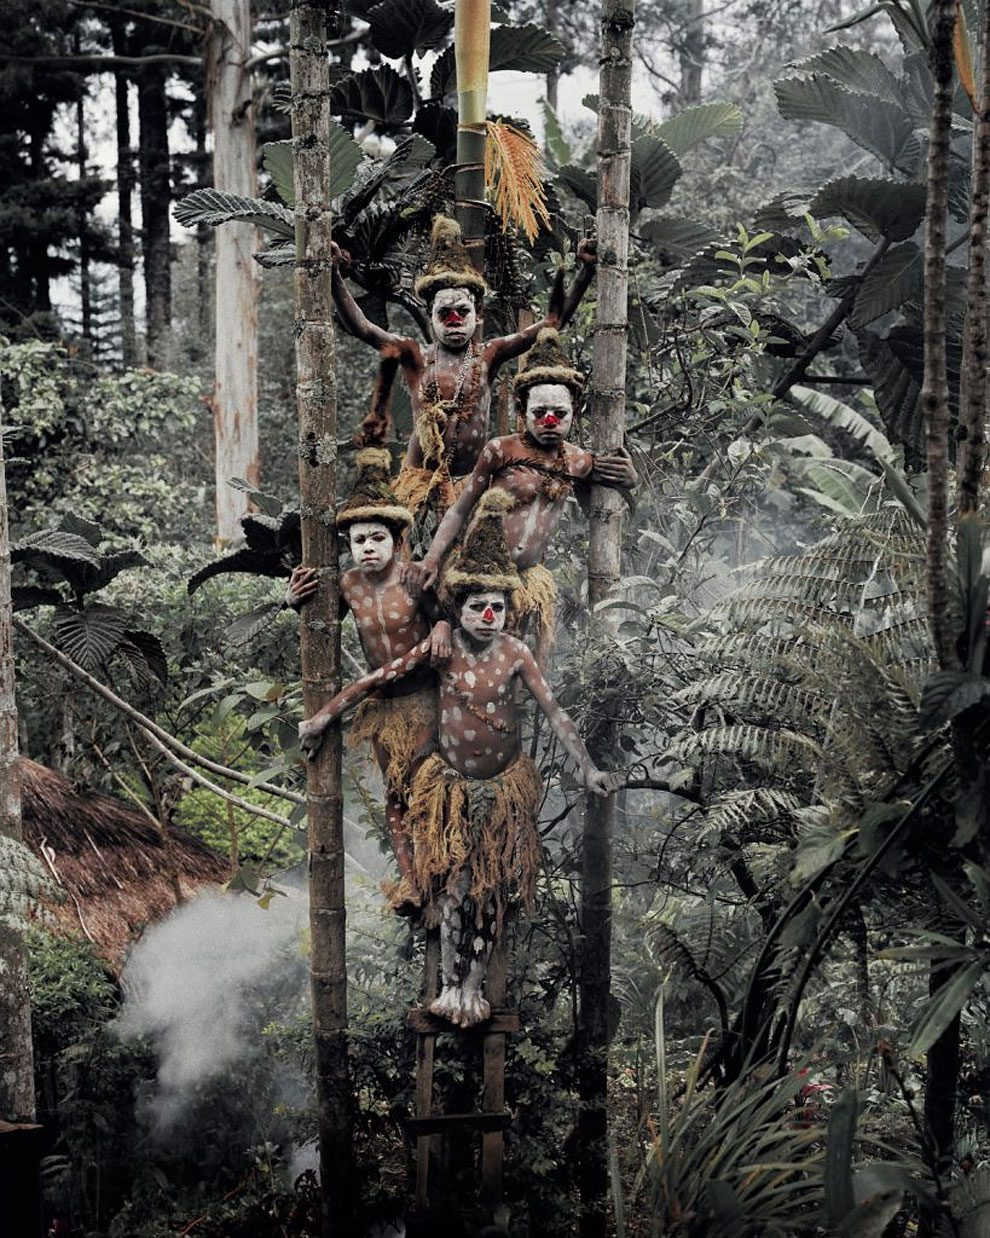 tribu-indigeni-mondo-fotografia-before-they-pass-away-jimmy-nelson-36